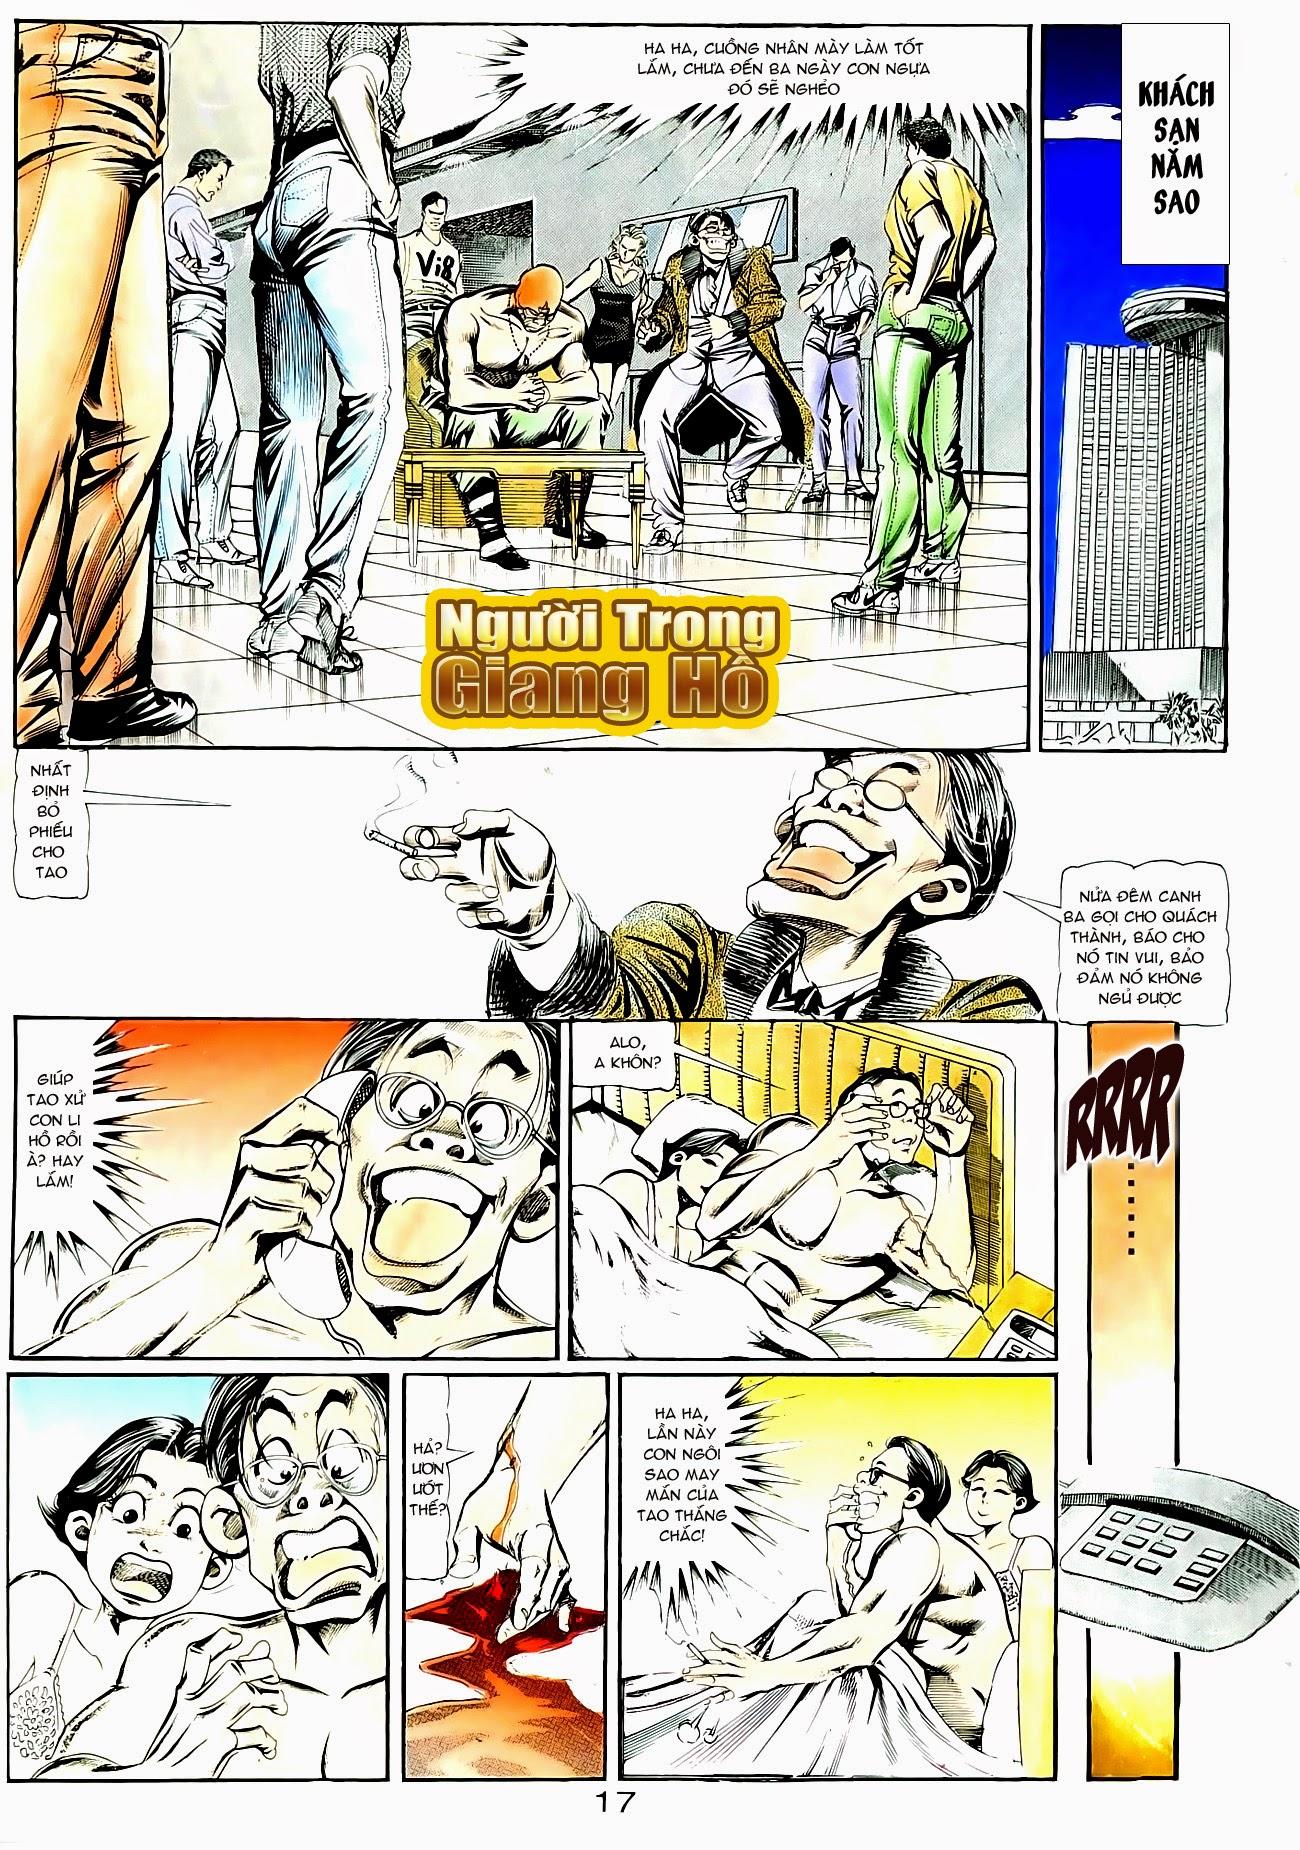 Người Trong Giang Hồ chapter 95: tình kiêu trang 28